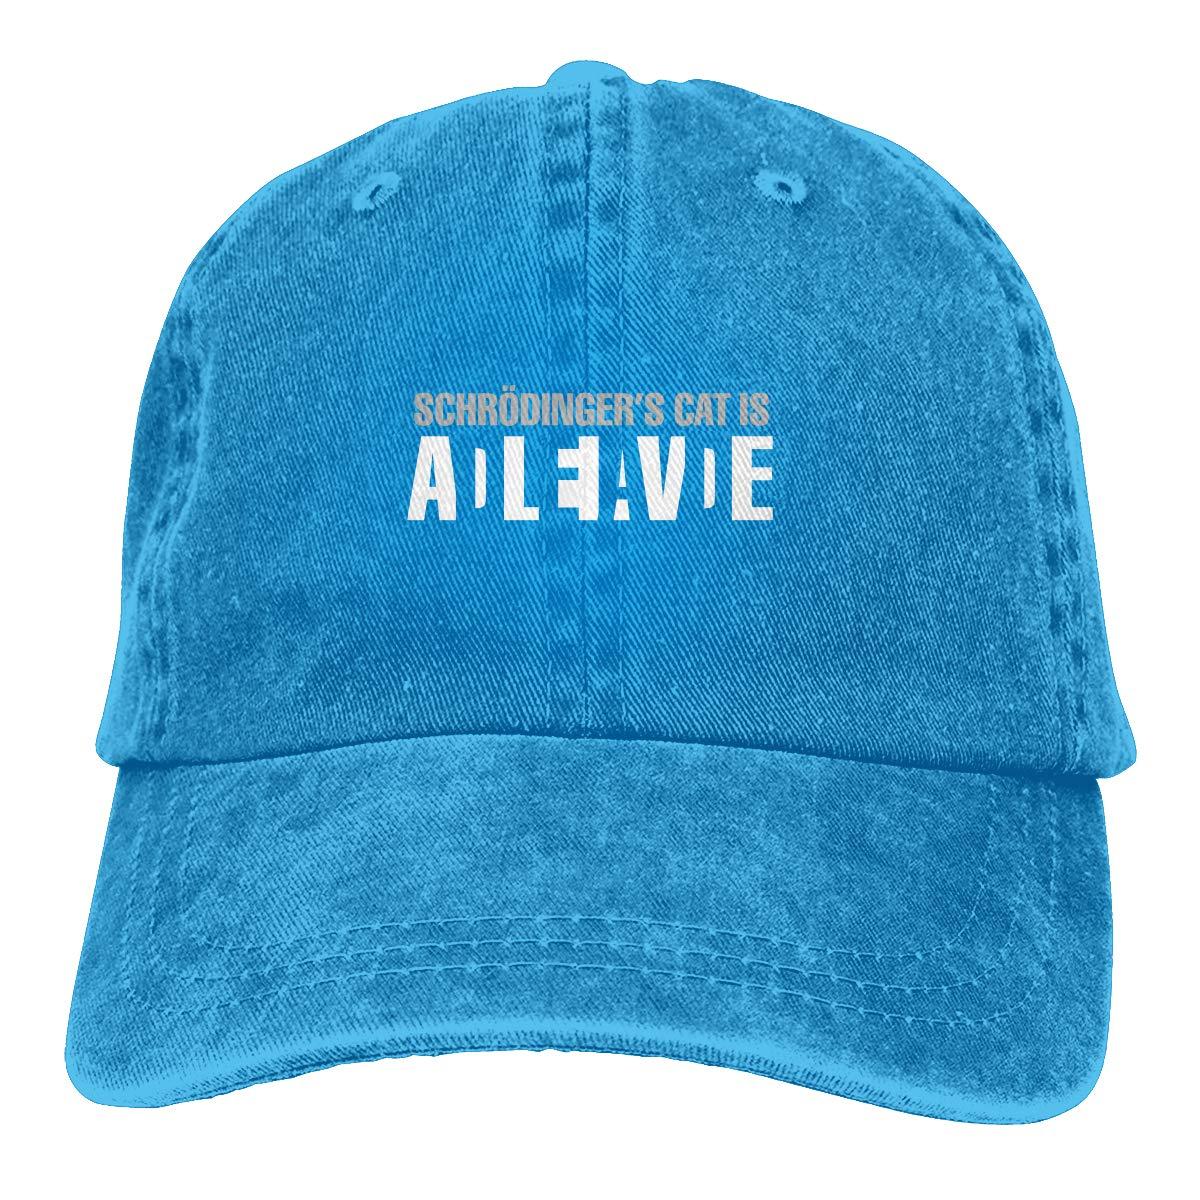 Schrodingers Cat Alive Dead Fashion Adjustable Cowboy Cap Denim Hat for Women and Men